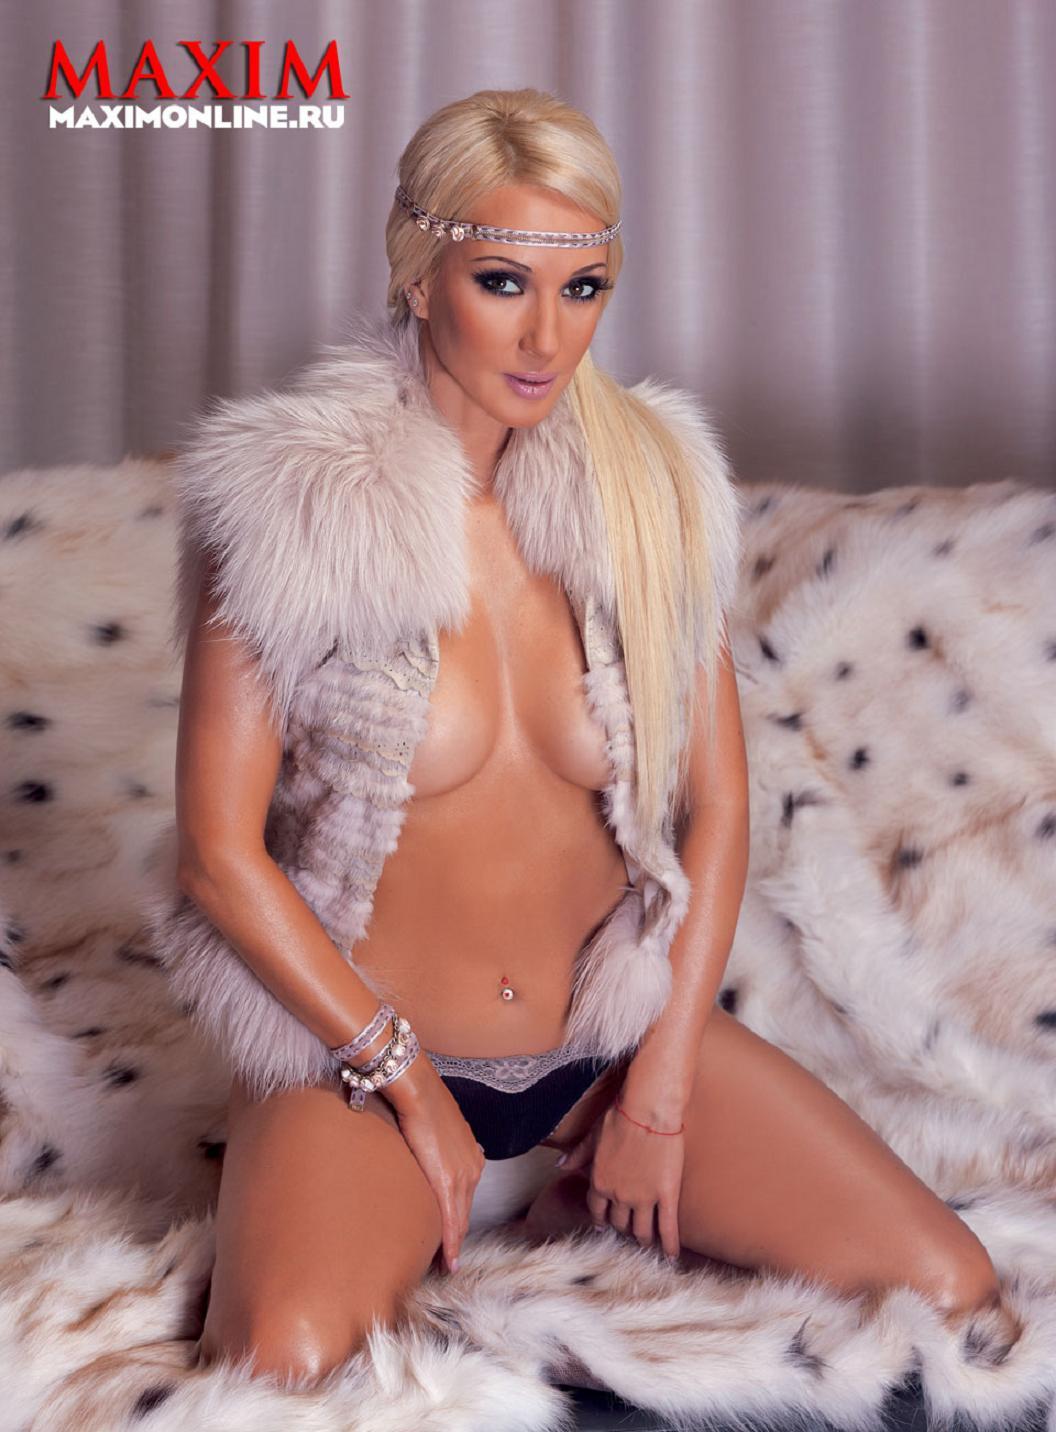 Лера Кудрявцева в Maxim январь 2011